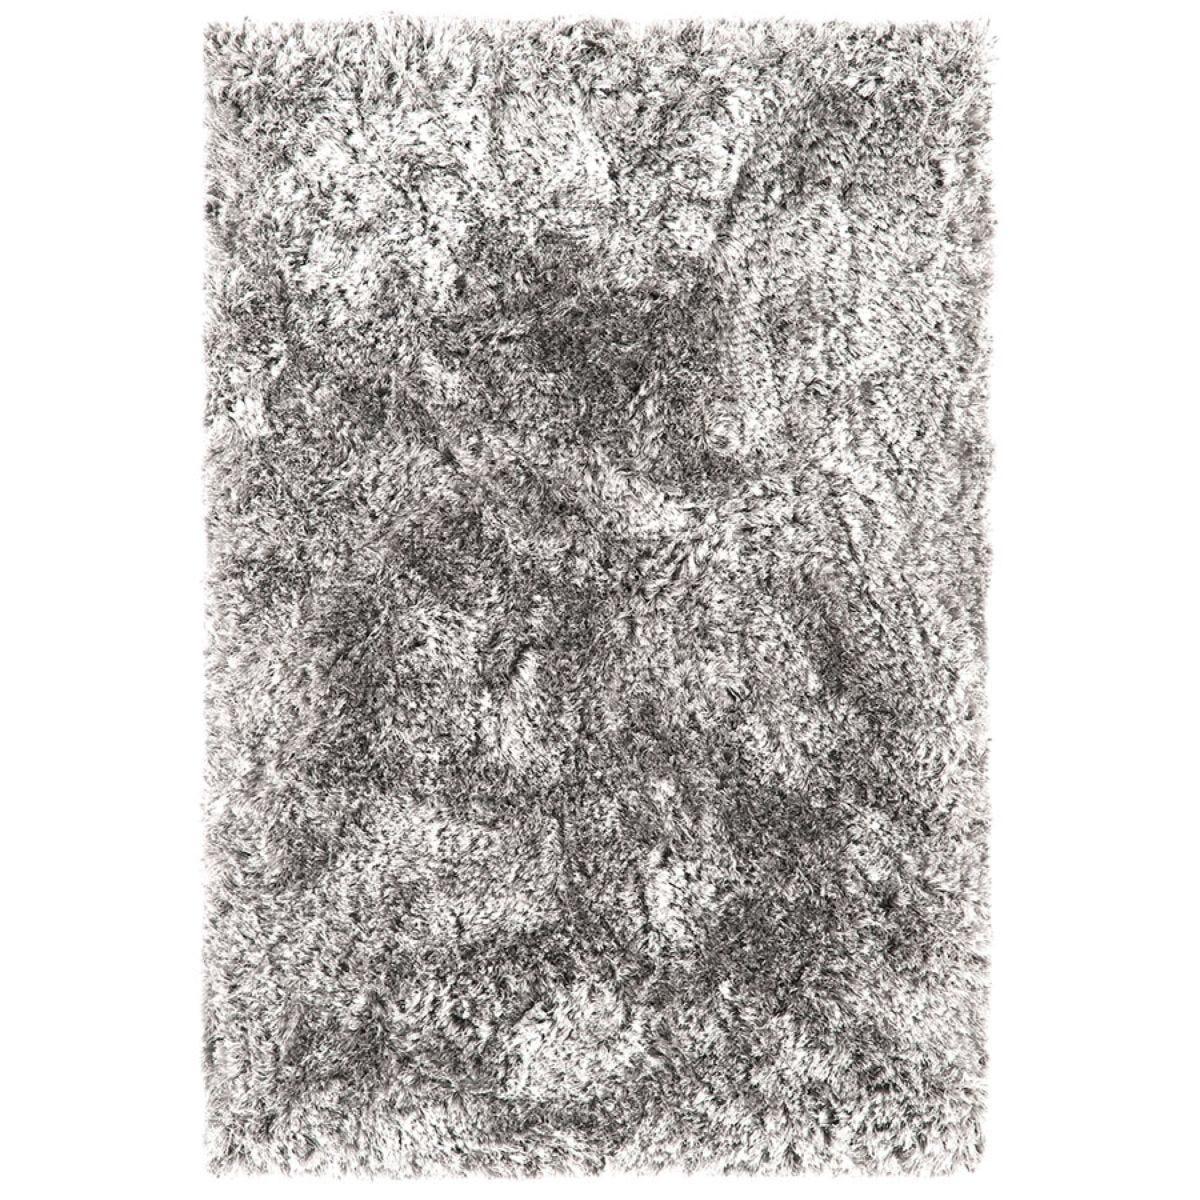 Asiatic Plush Shaggy Rug, 70 x 140cm - Silver